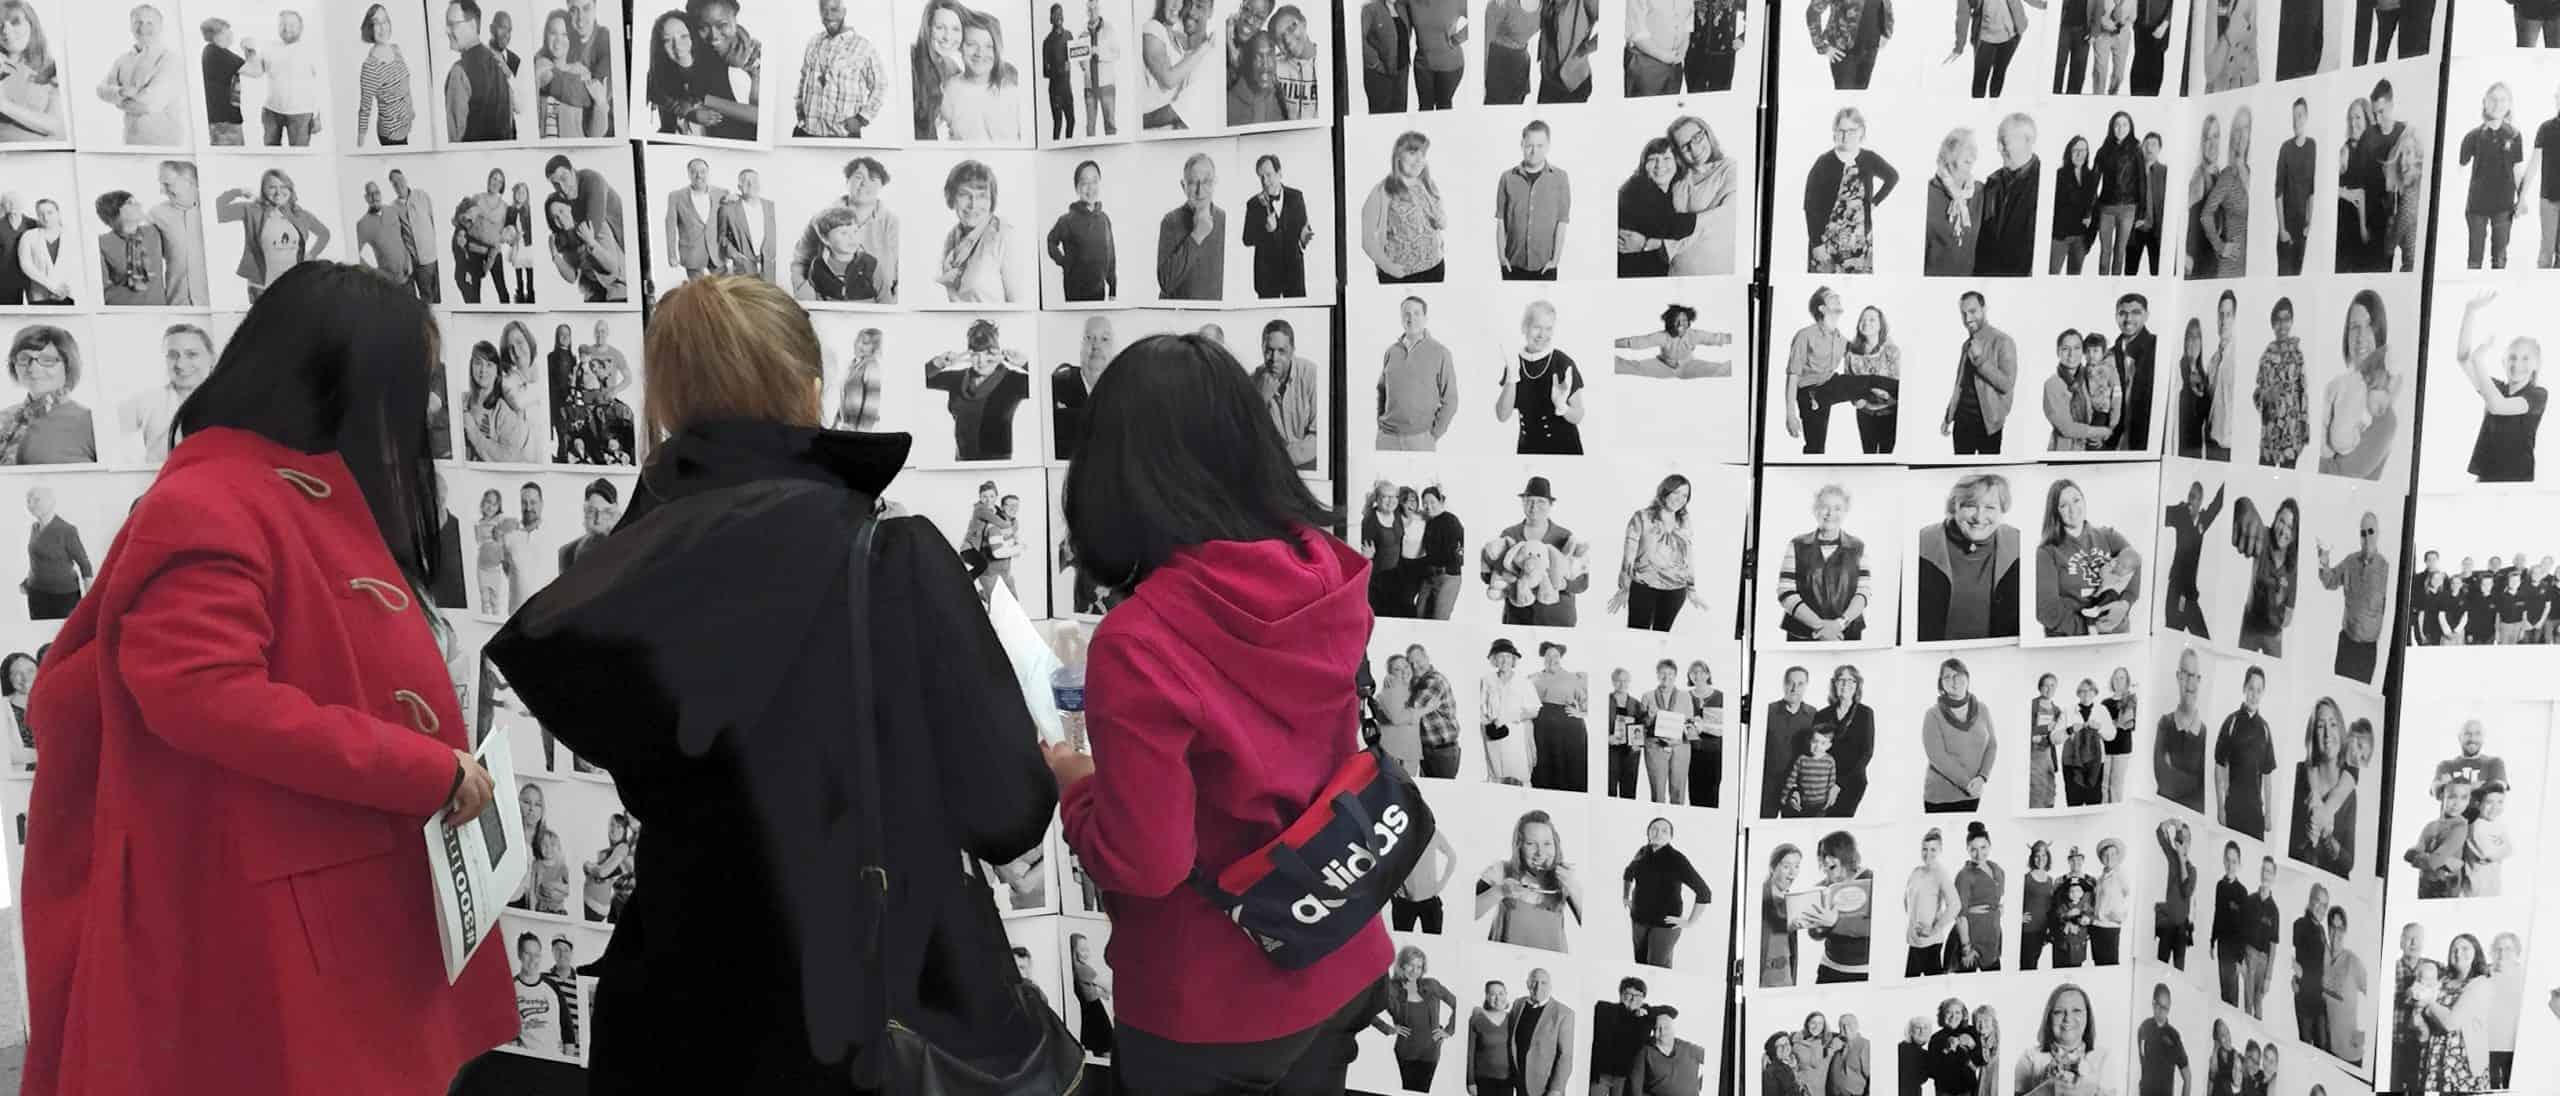 ONEbyONE Community Portrait 3 women at wall